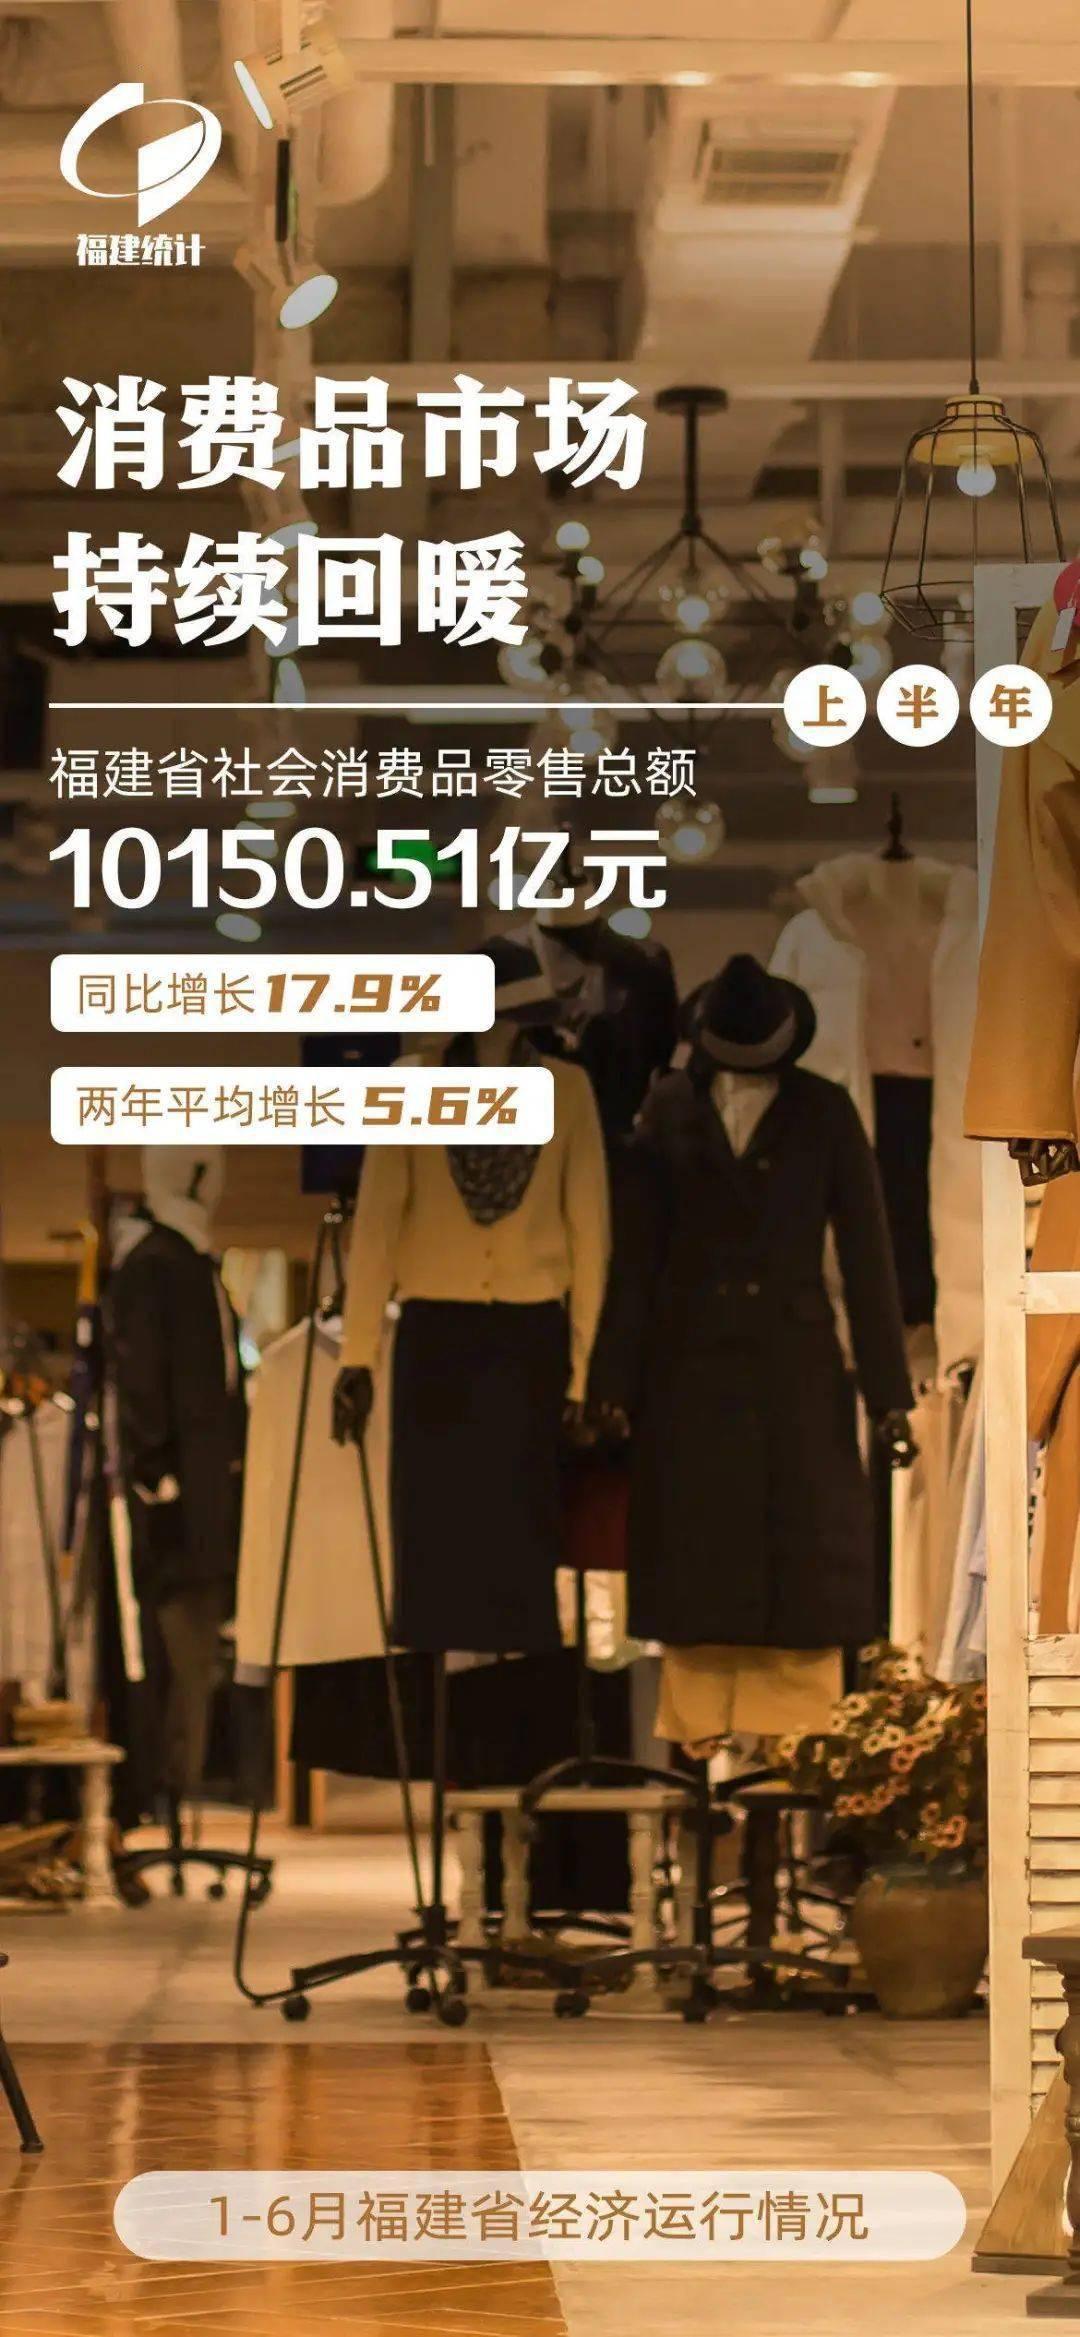 2021年上半年福建省经济运行情况发布